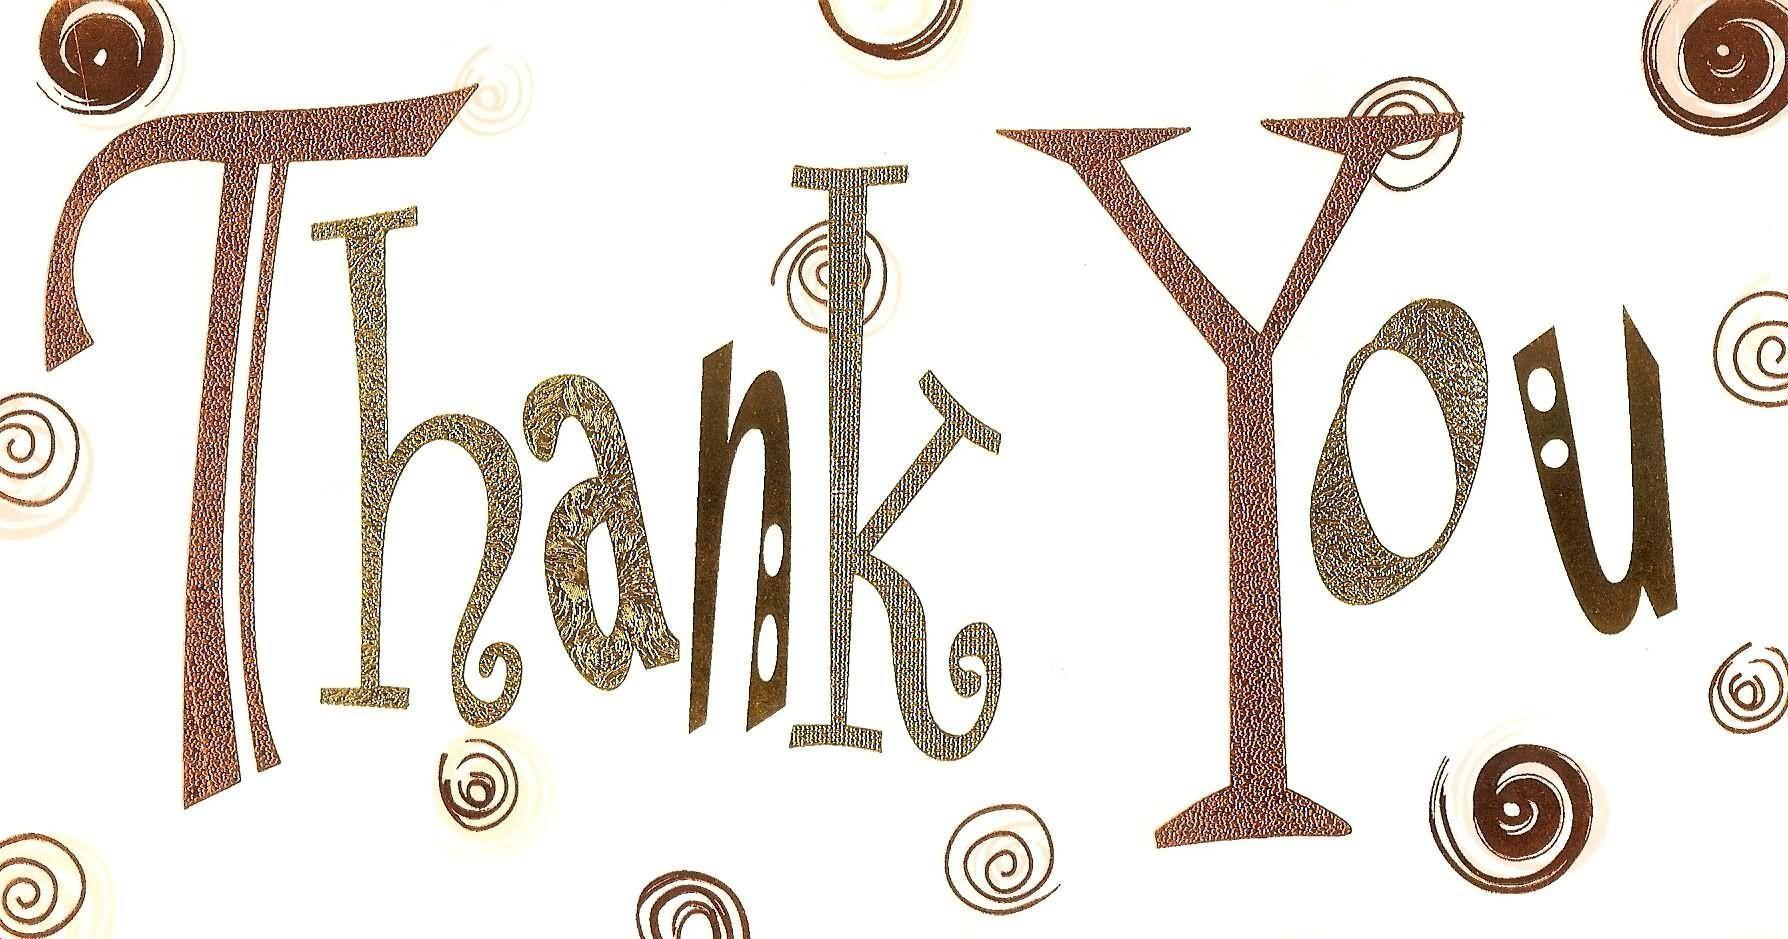 hinh nen thank you 1